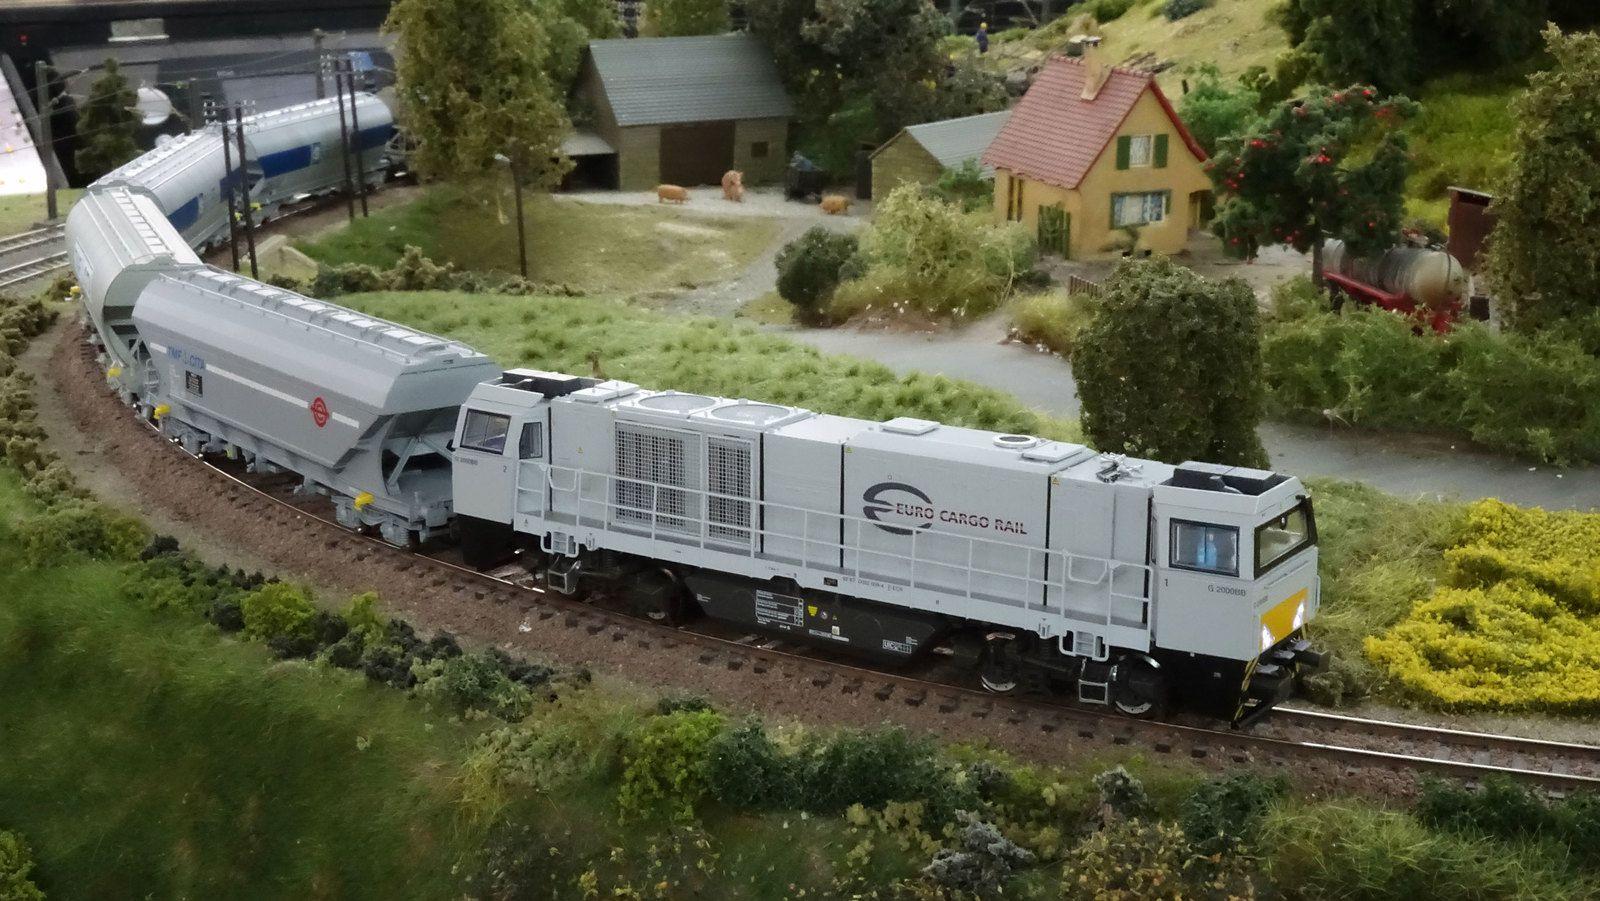 Passage dans la rampe en courbe de la ferme d'un train complet de wagons céréaliers tiré par une loc G 2000 d'ECR.